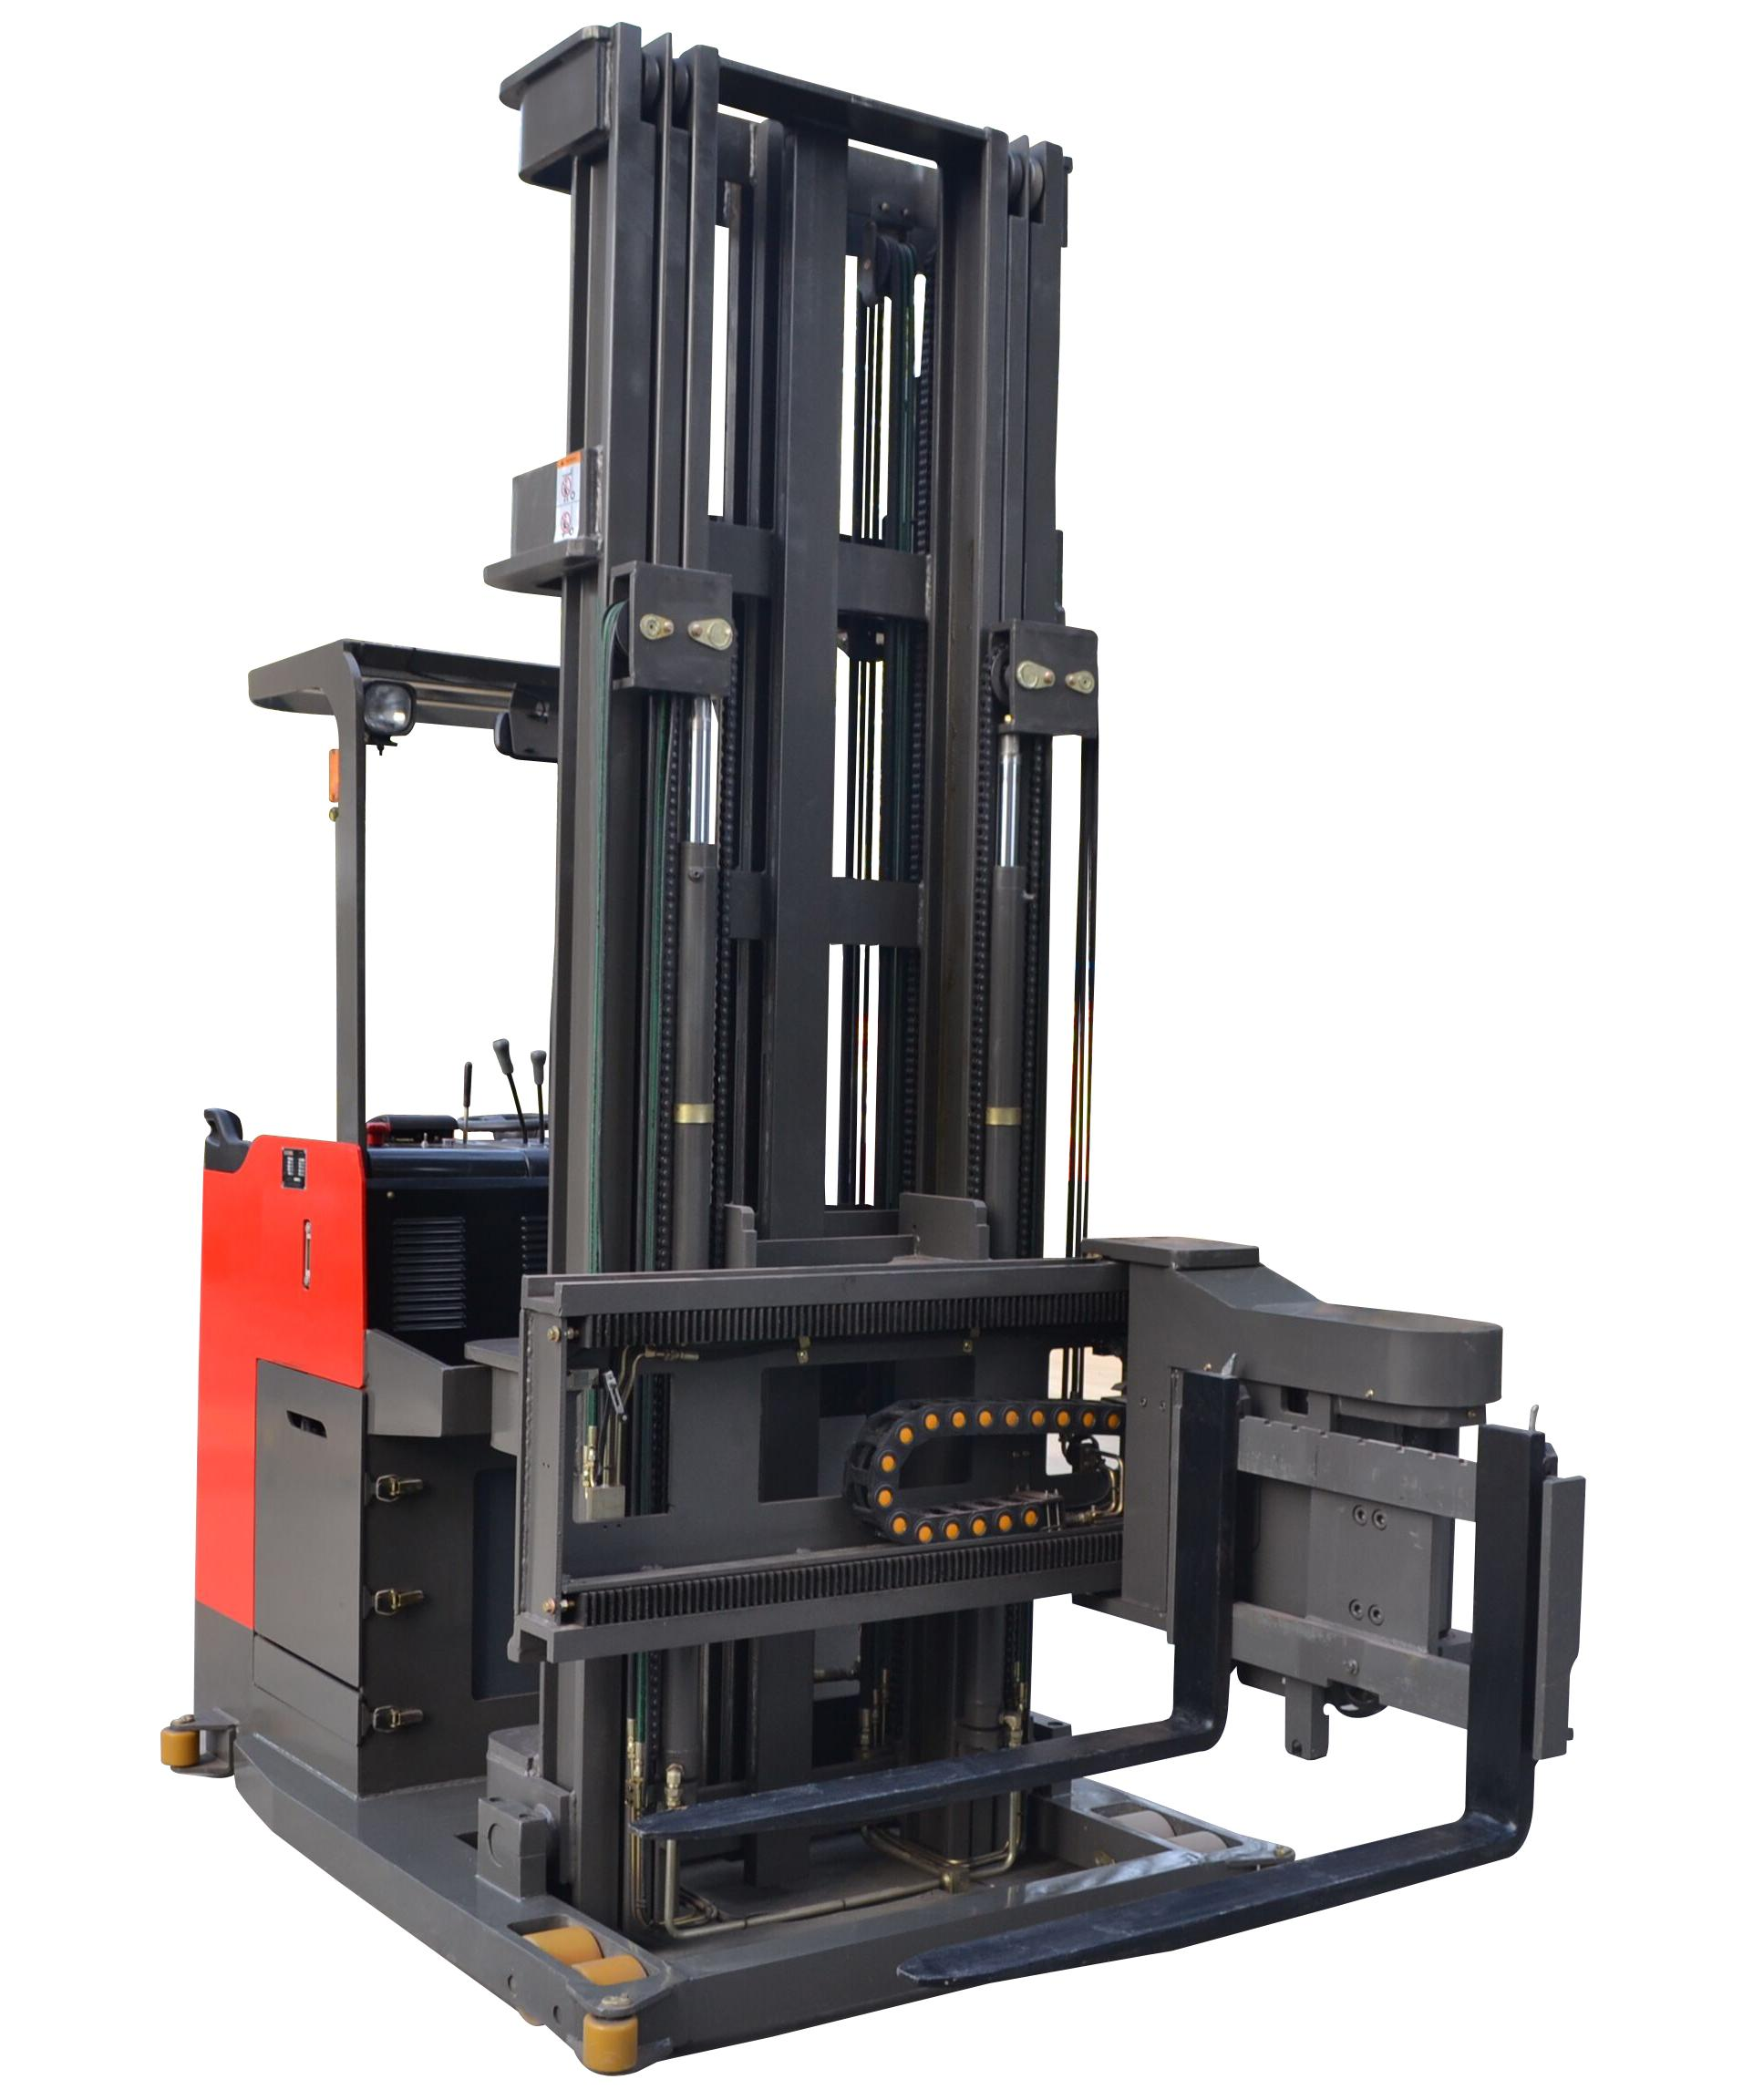 1.0-1.5吨电动三向叉车/电动窄通道叉车-上海涵得实业有限公司